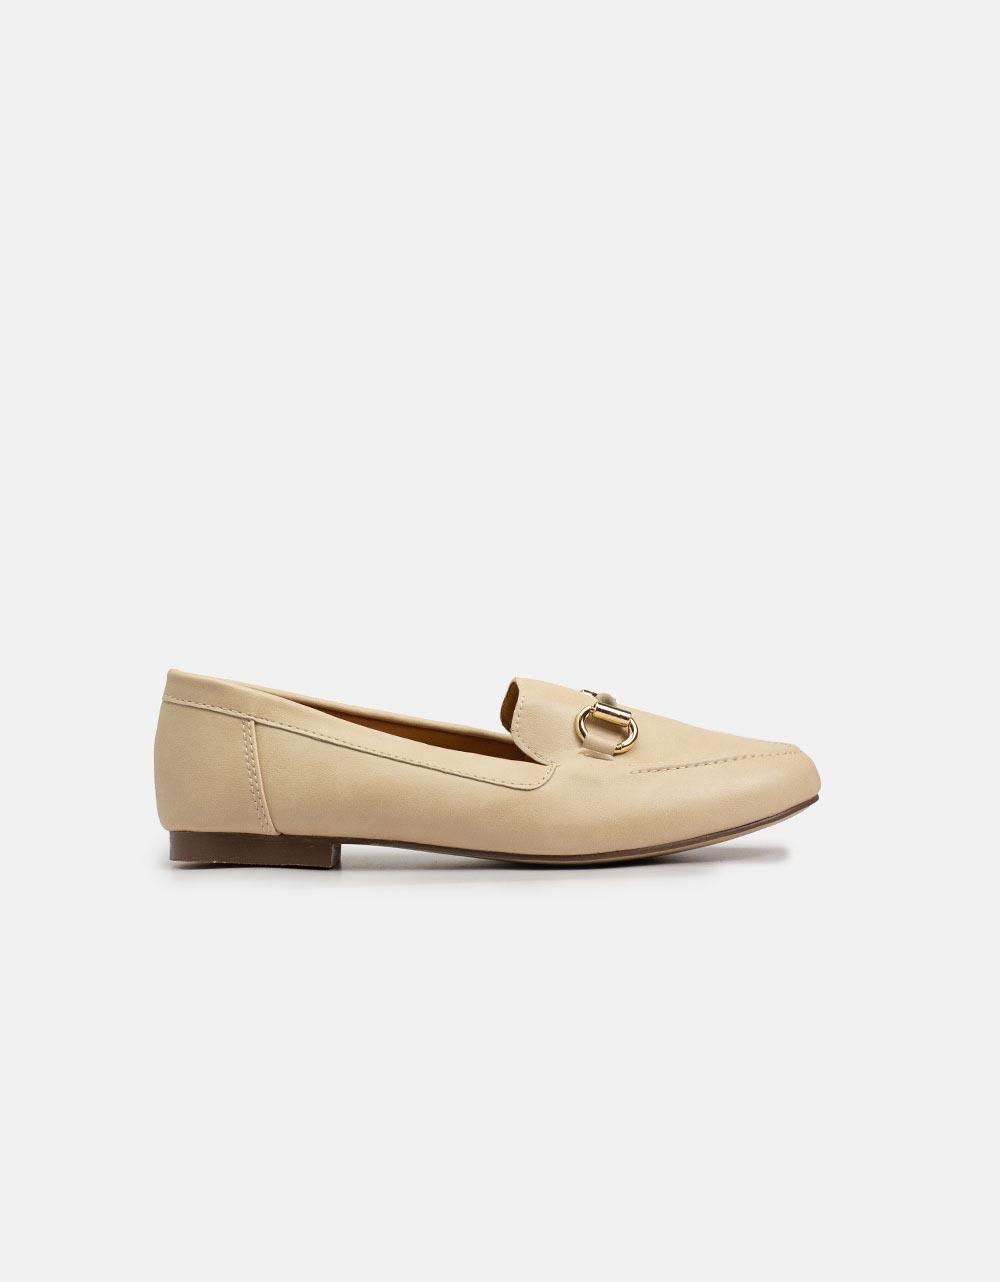 Εικόνα από Γυναικεία loafers σε απλή γραμμή Μπεζ